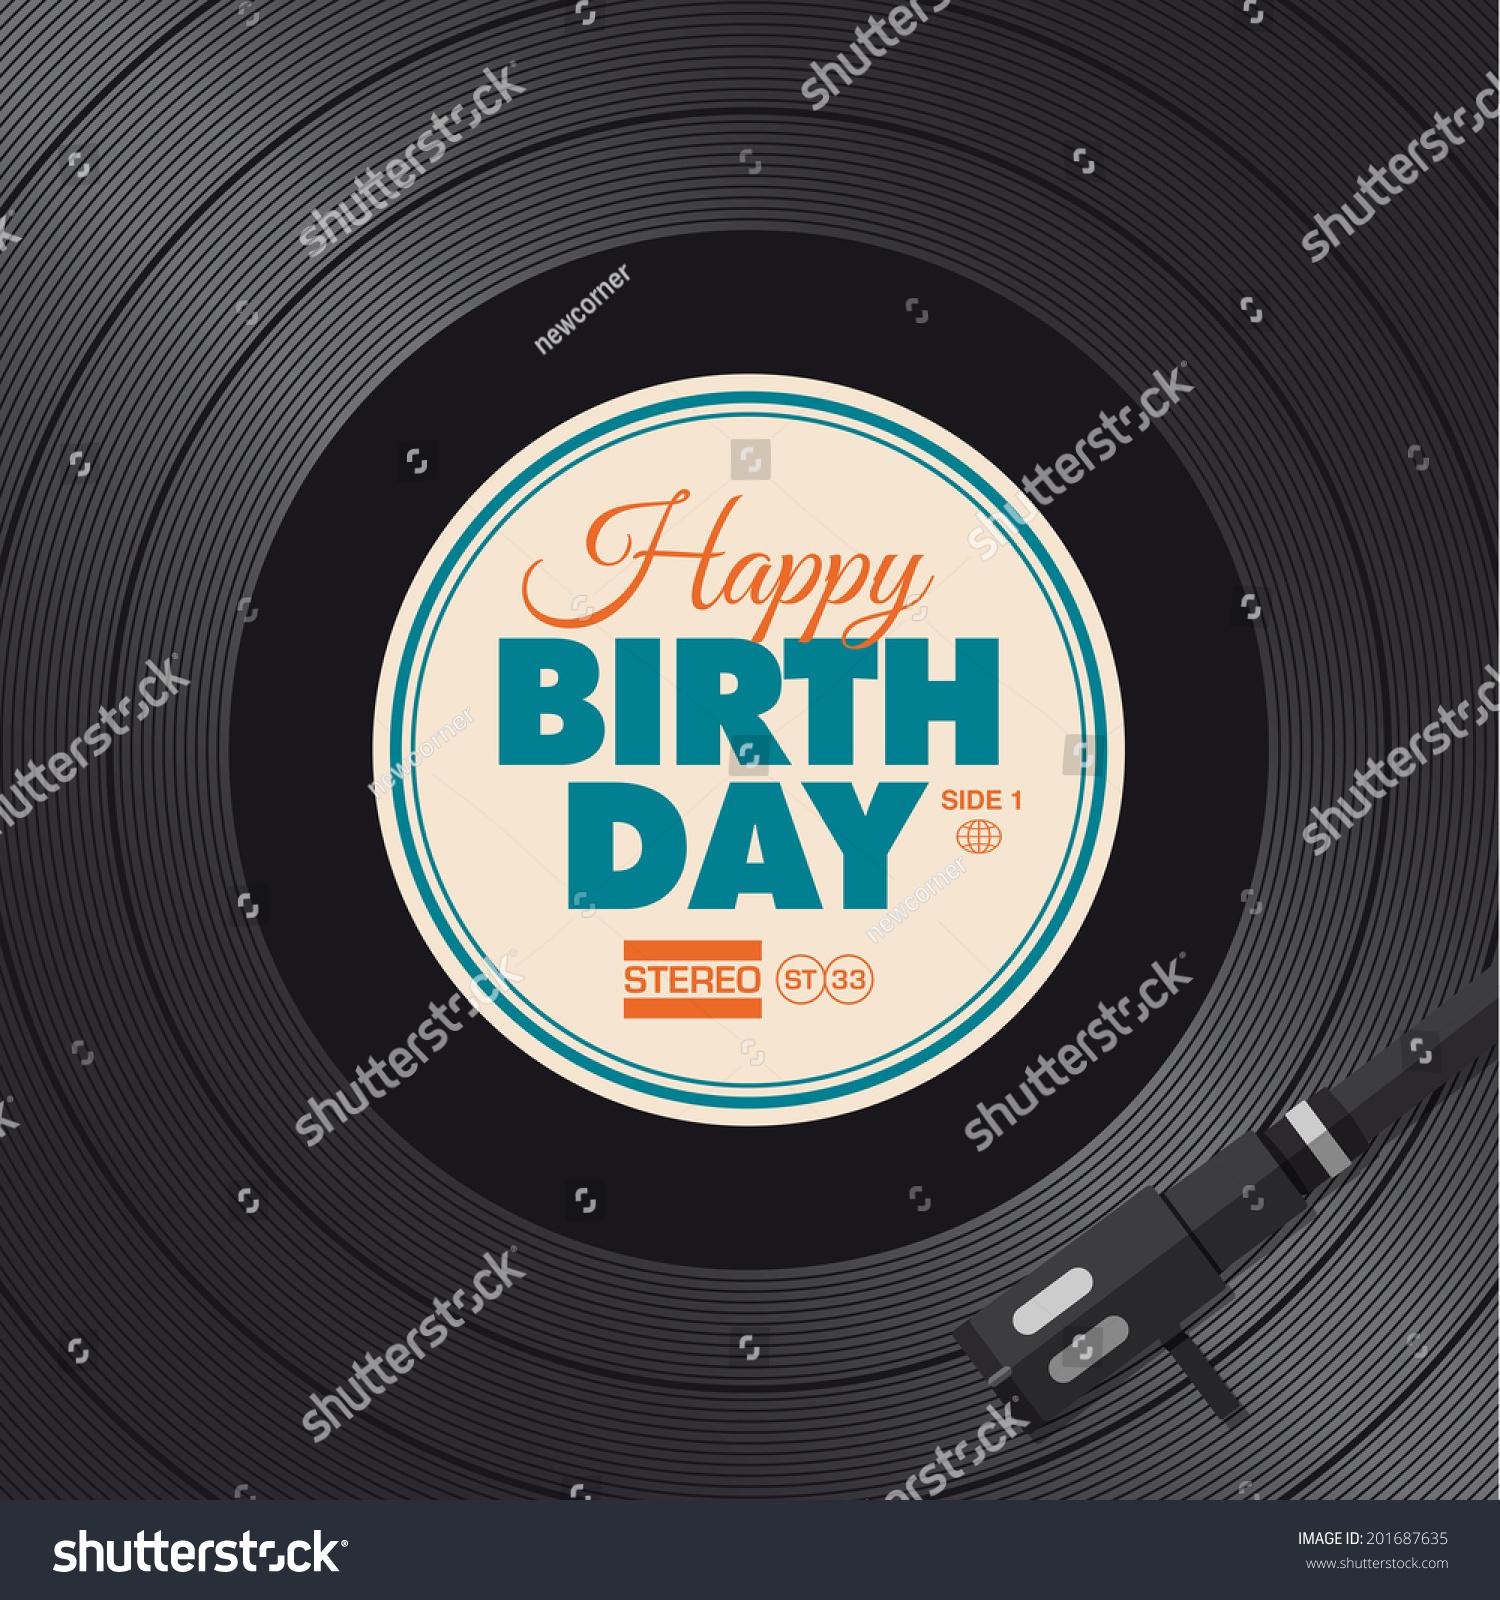 Happy Birthday Card Vinyl Illustration Background Stock